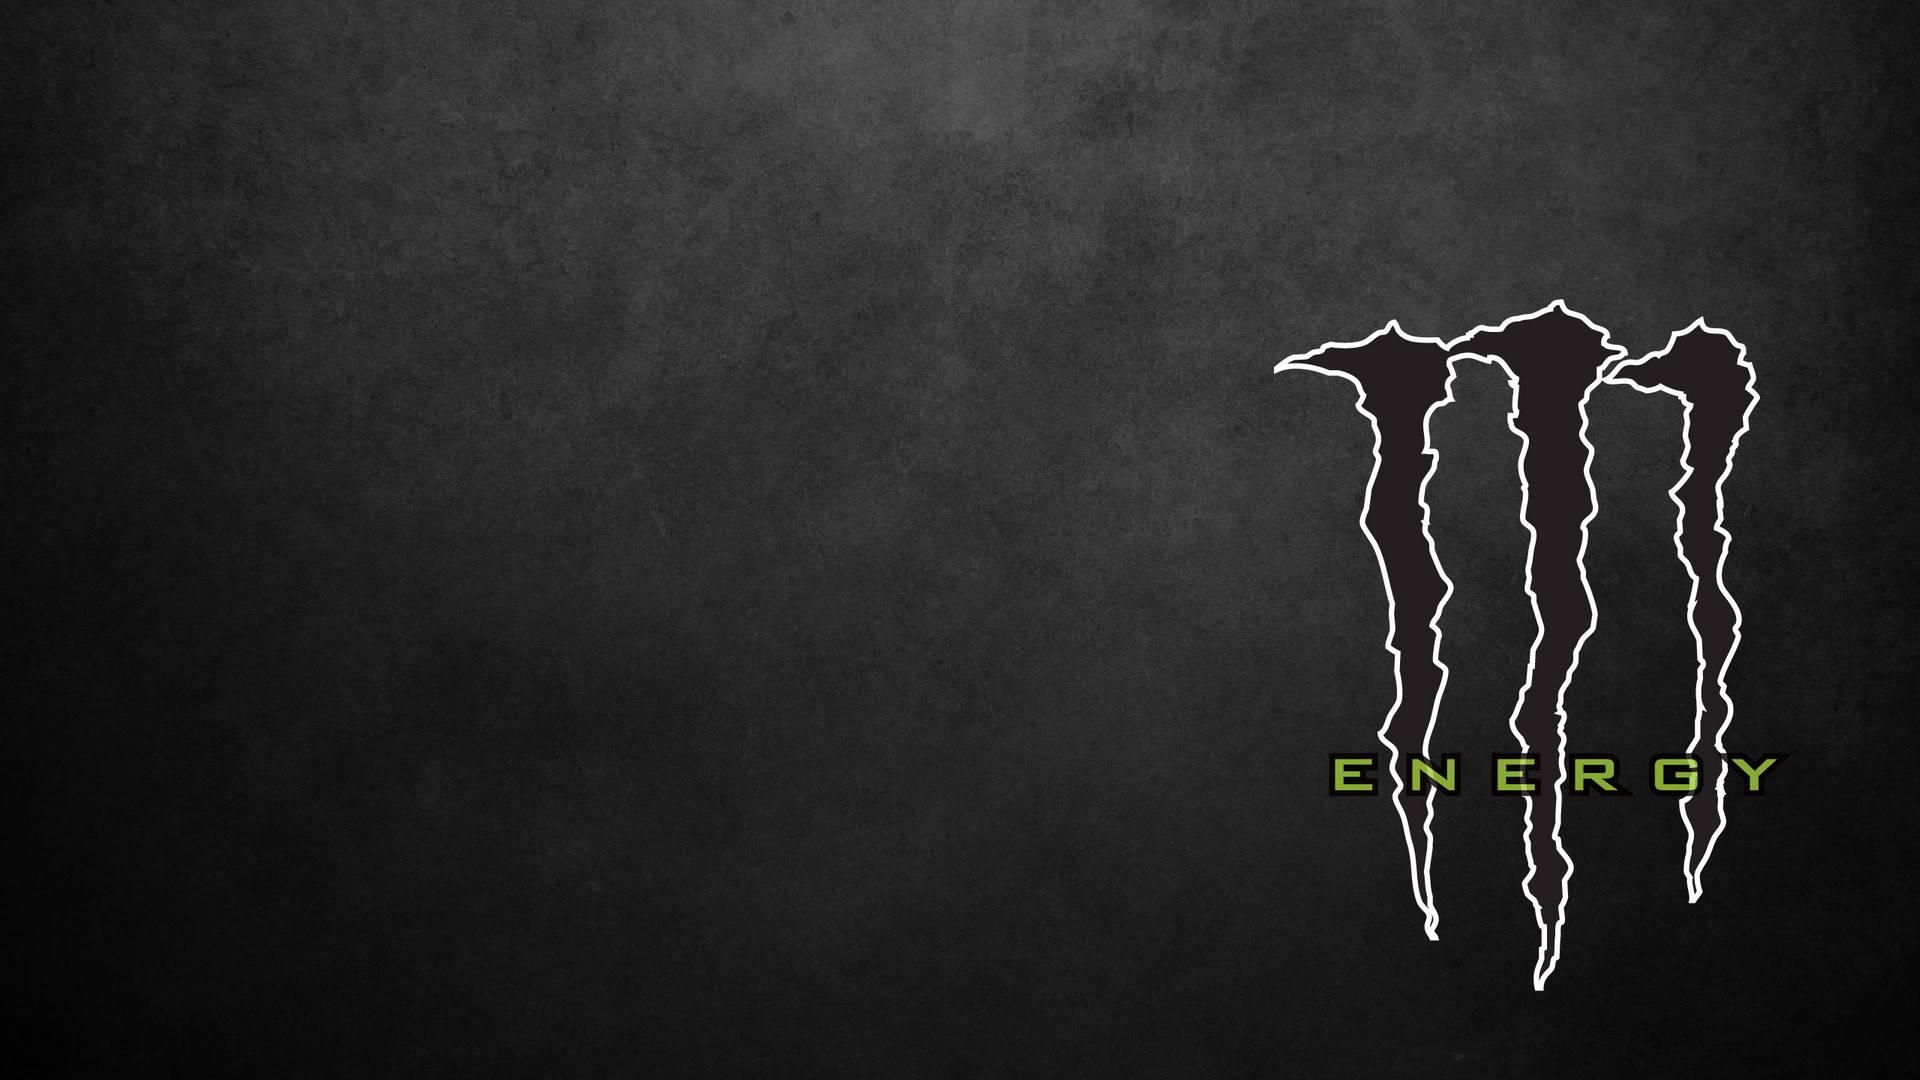 Monster Energy HD Wallpaper | Monster x | Pinterest